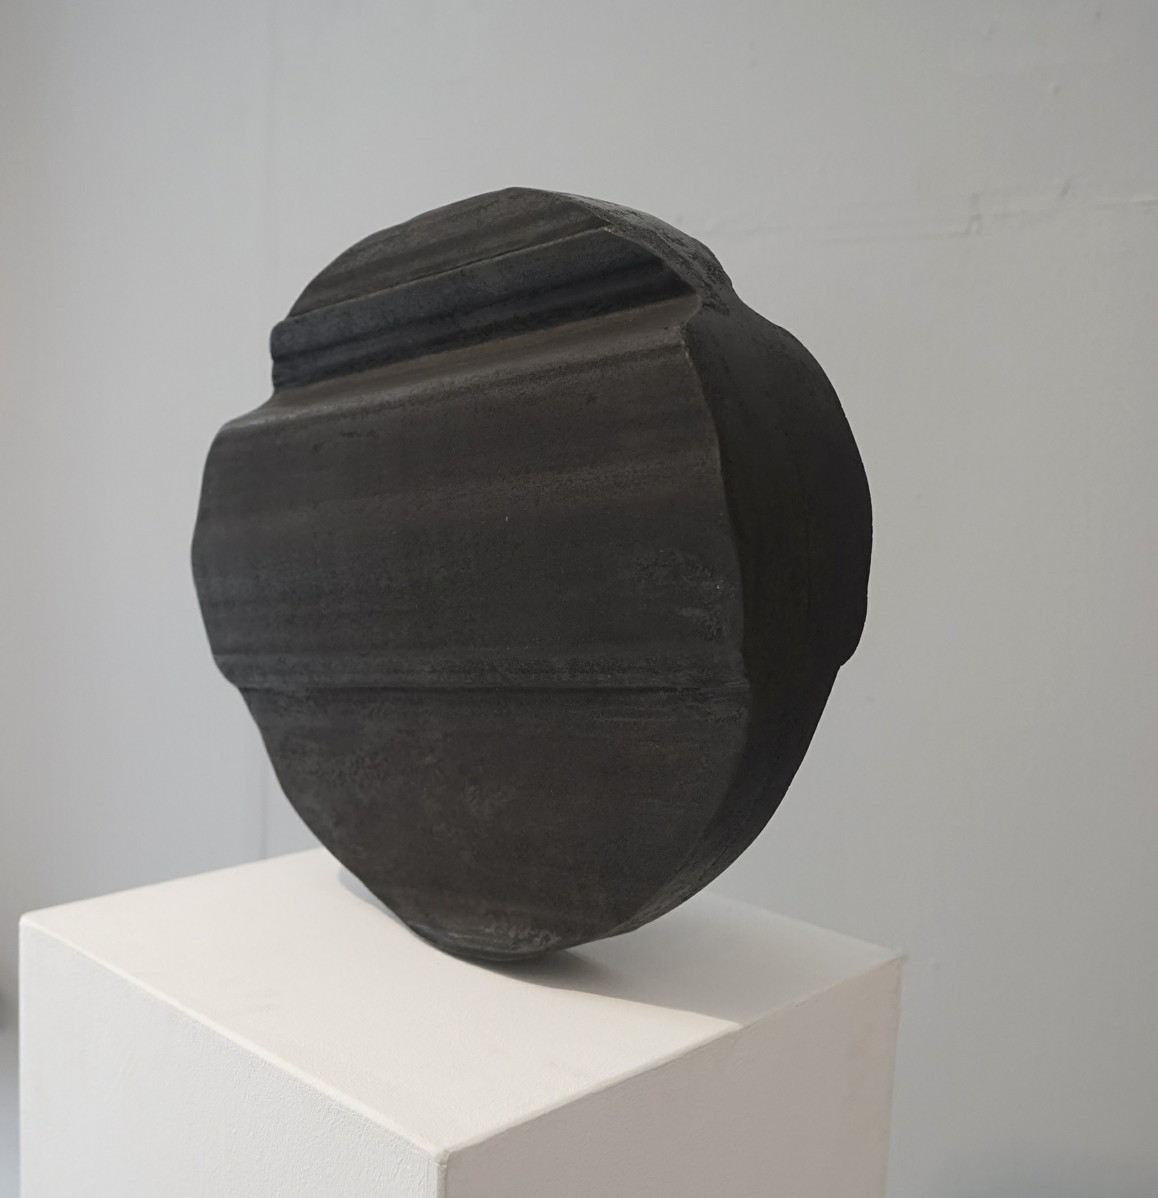 Junge / Kreis, 2020, Beton (Ansicht 1)